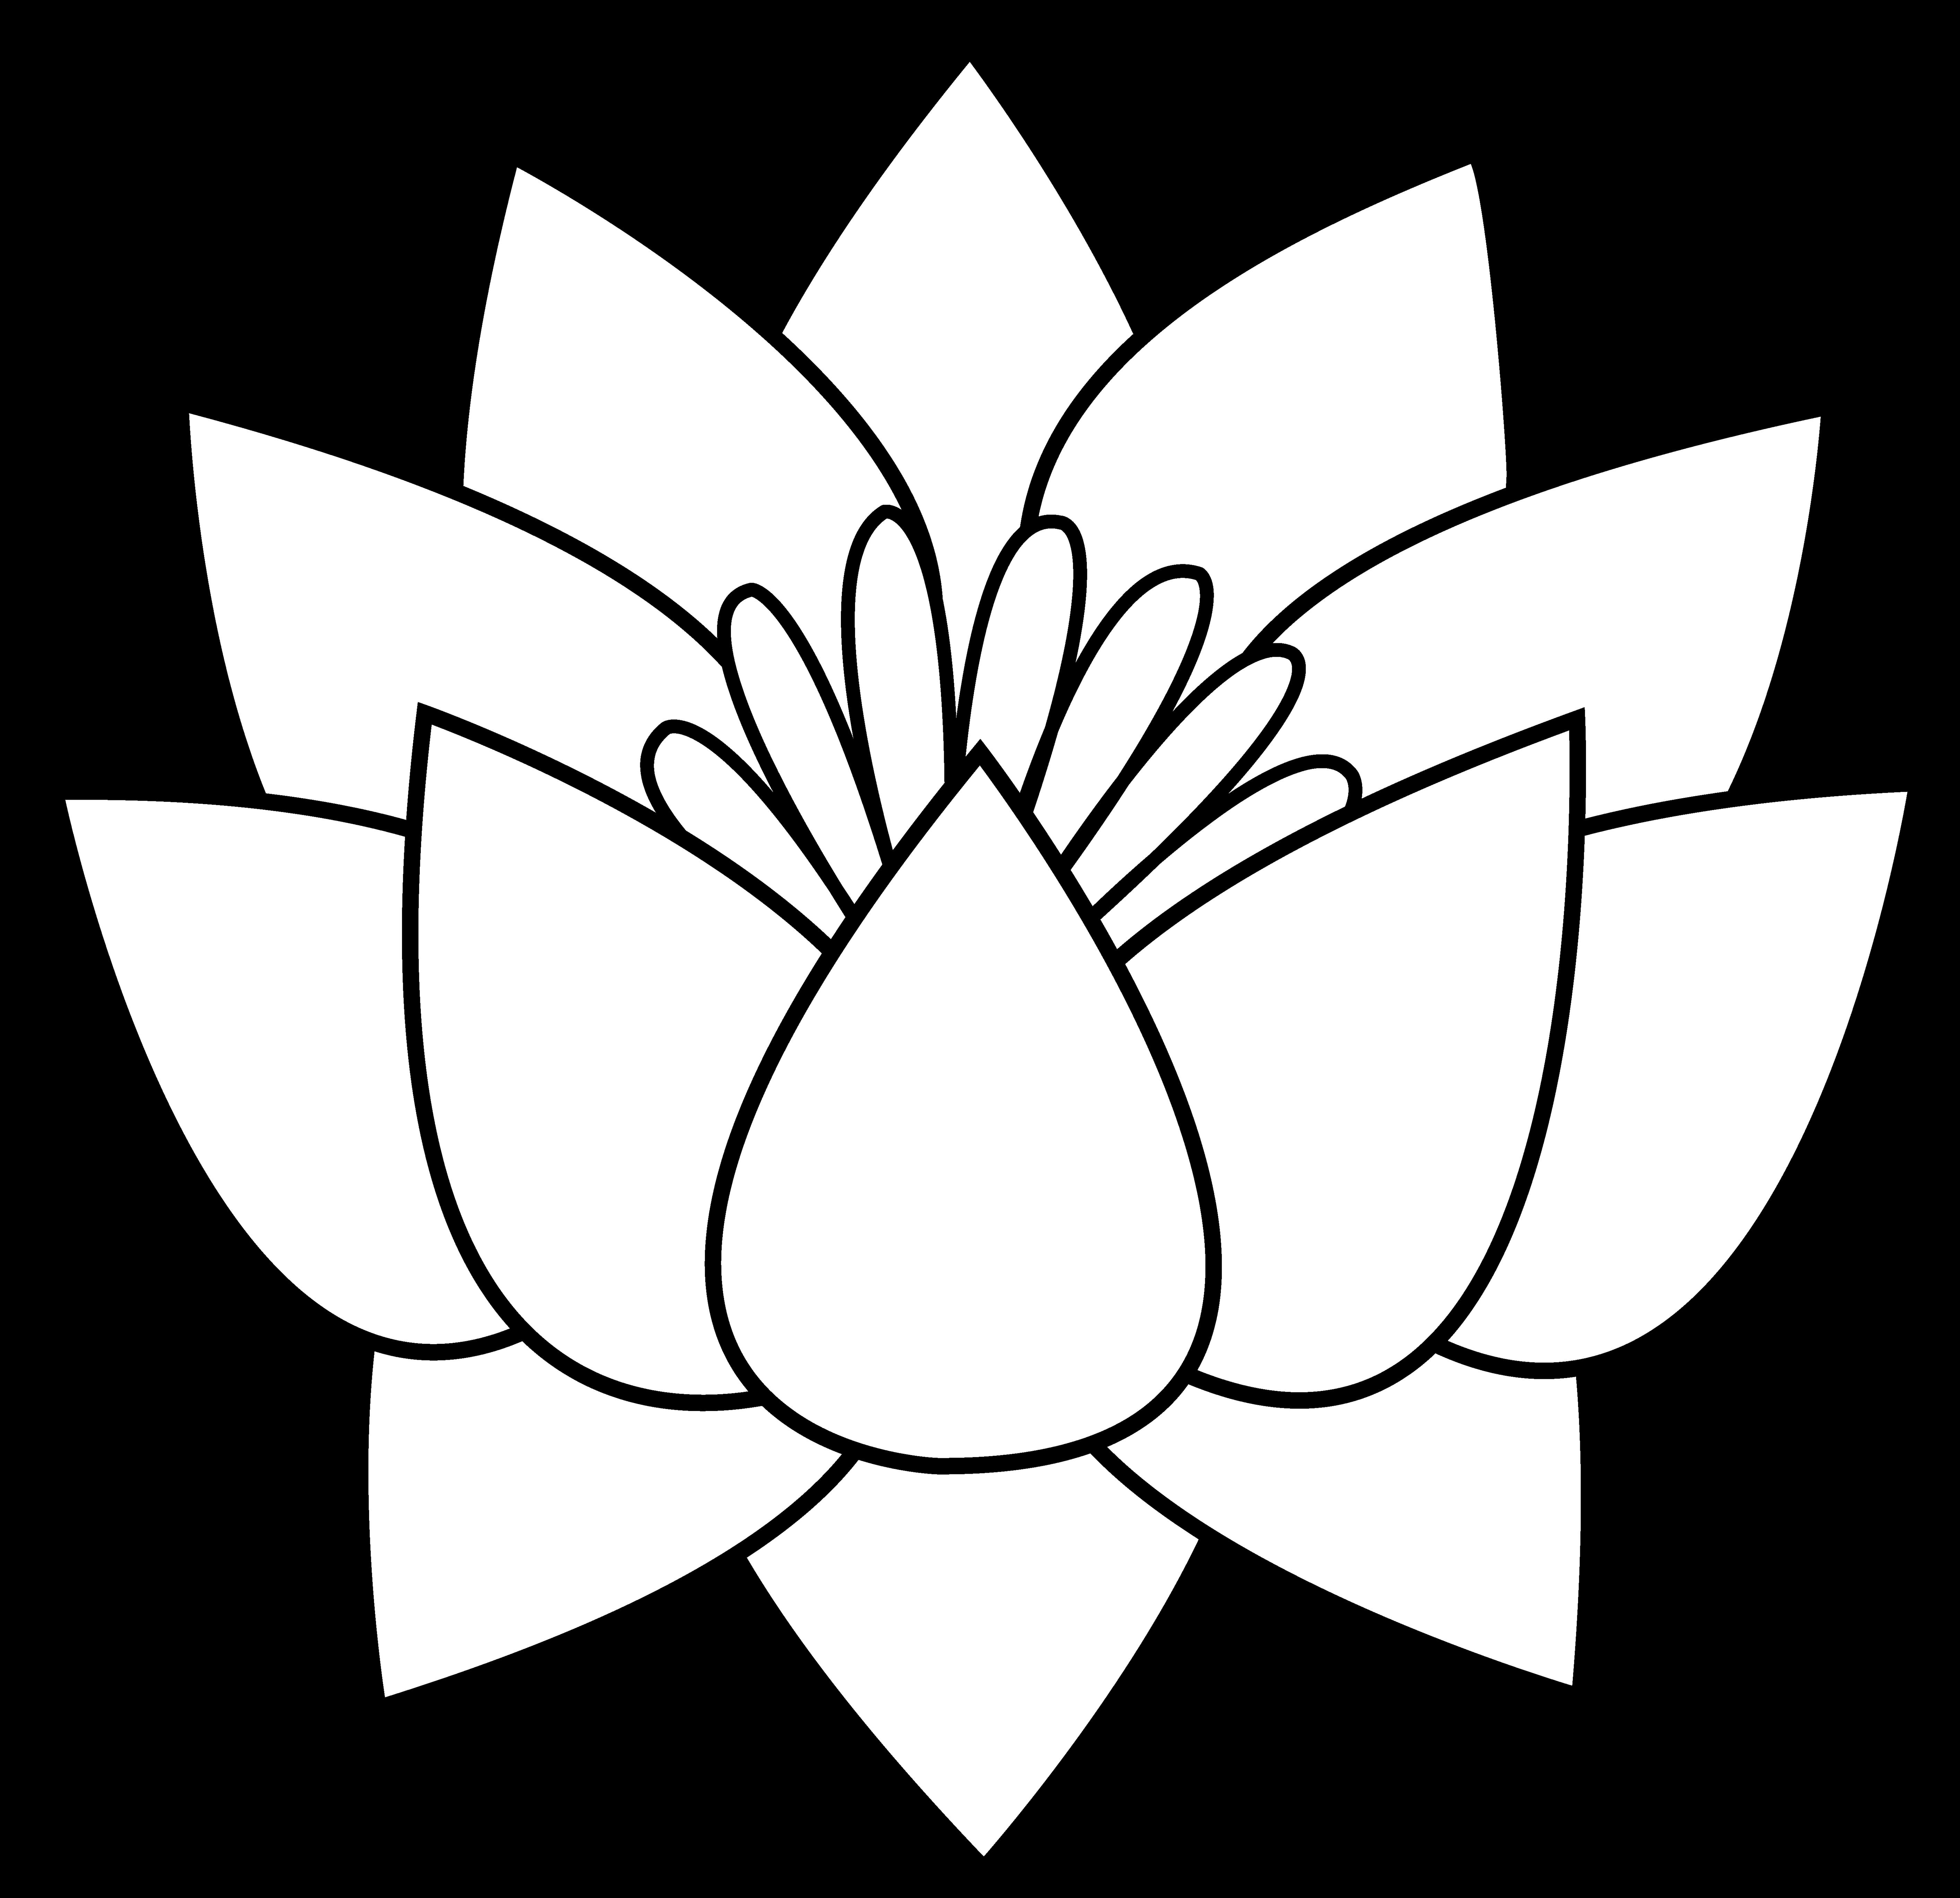 Design lotus